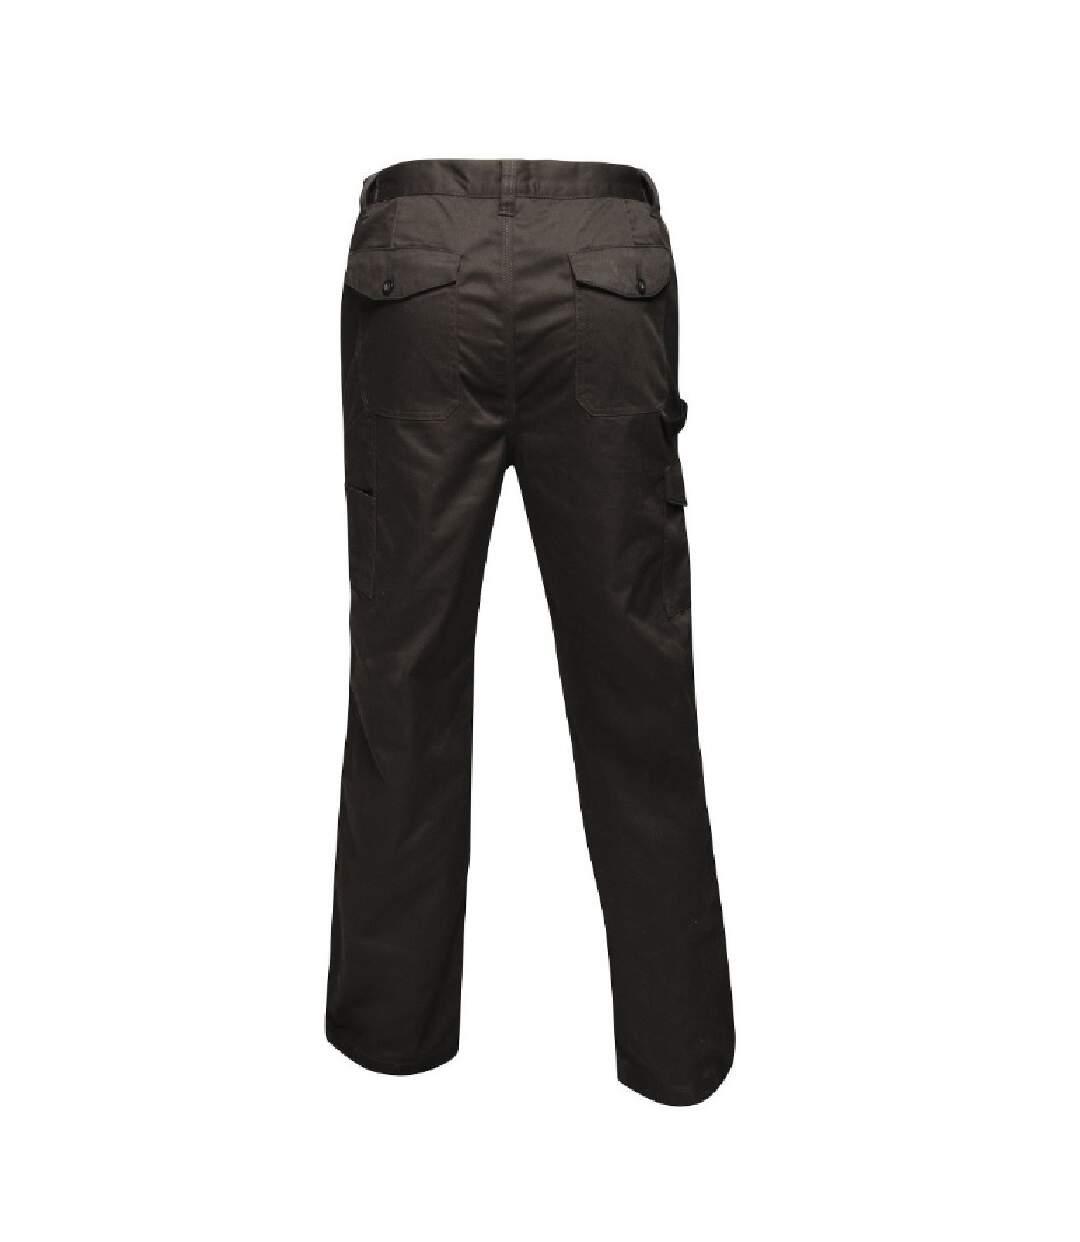 Regatta - Pantalon Cargo - Homme (Noir) - UTRG3754